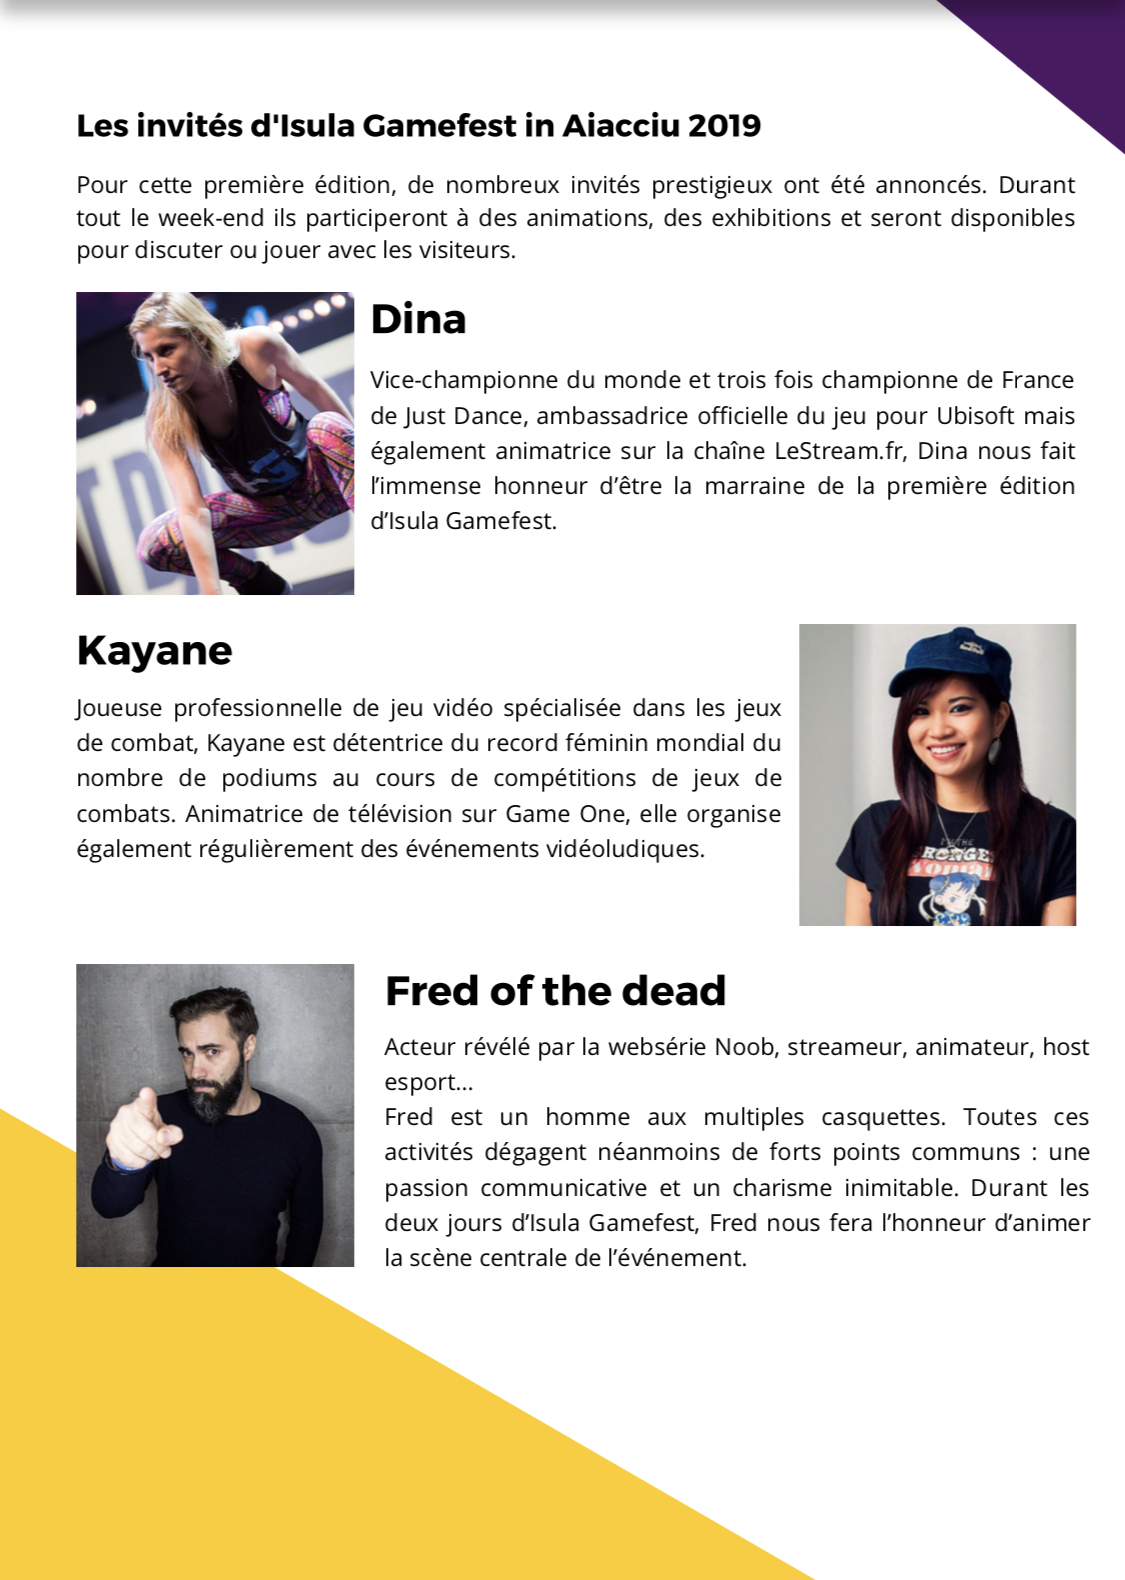 Isula Gamefest : le premier salon du jeu vidéo et de l'esport corse dévoile son programme